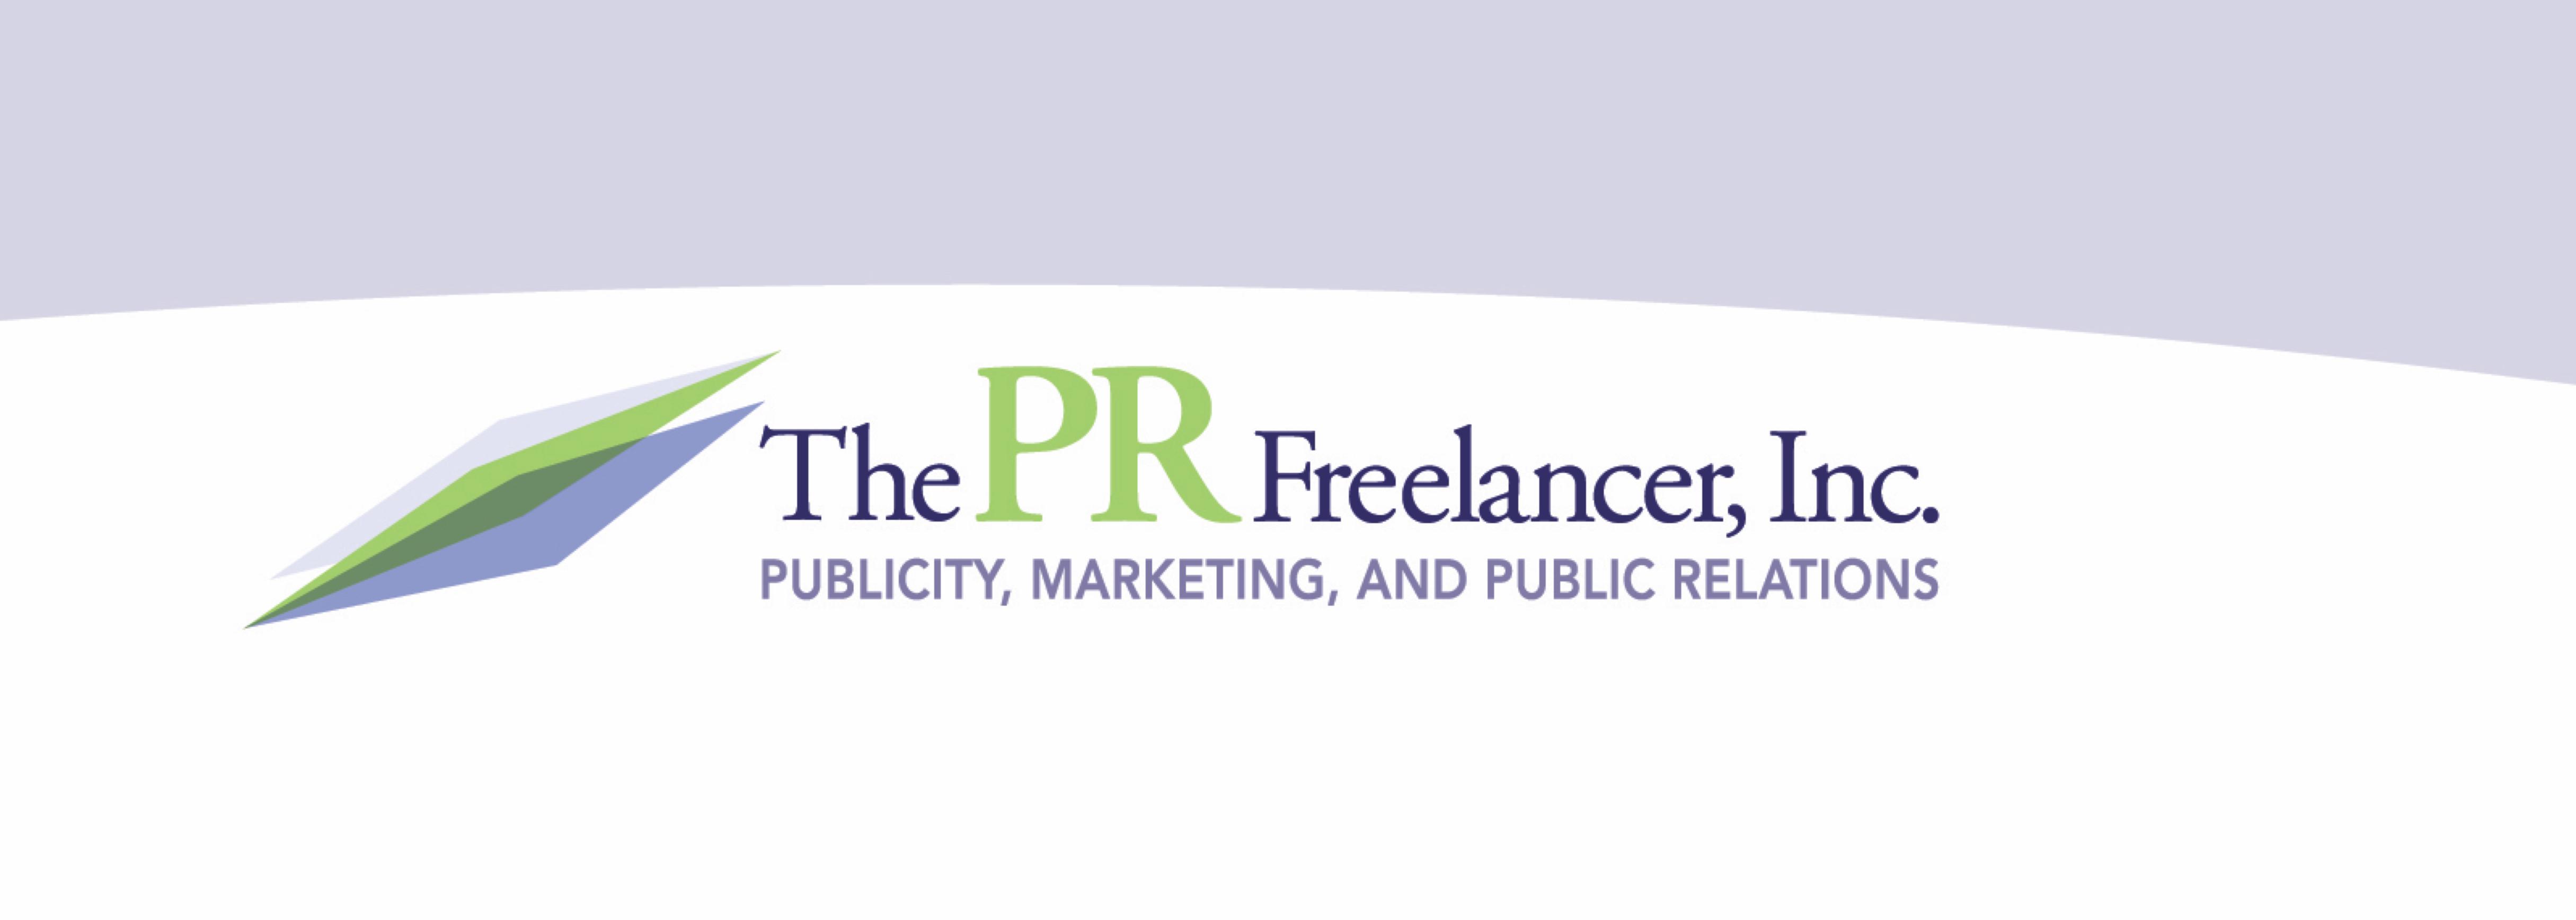 ThePRfreelancer.com